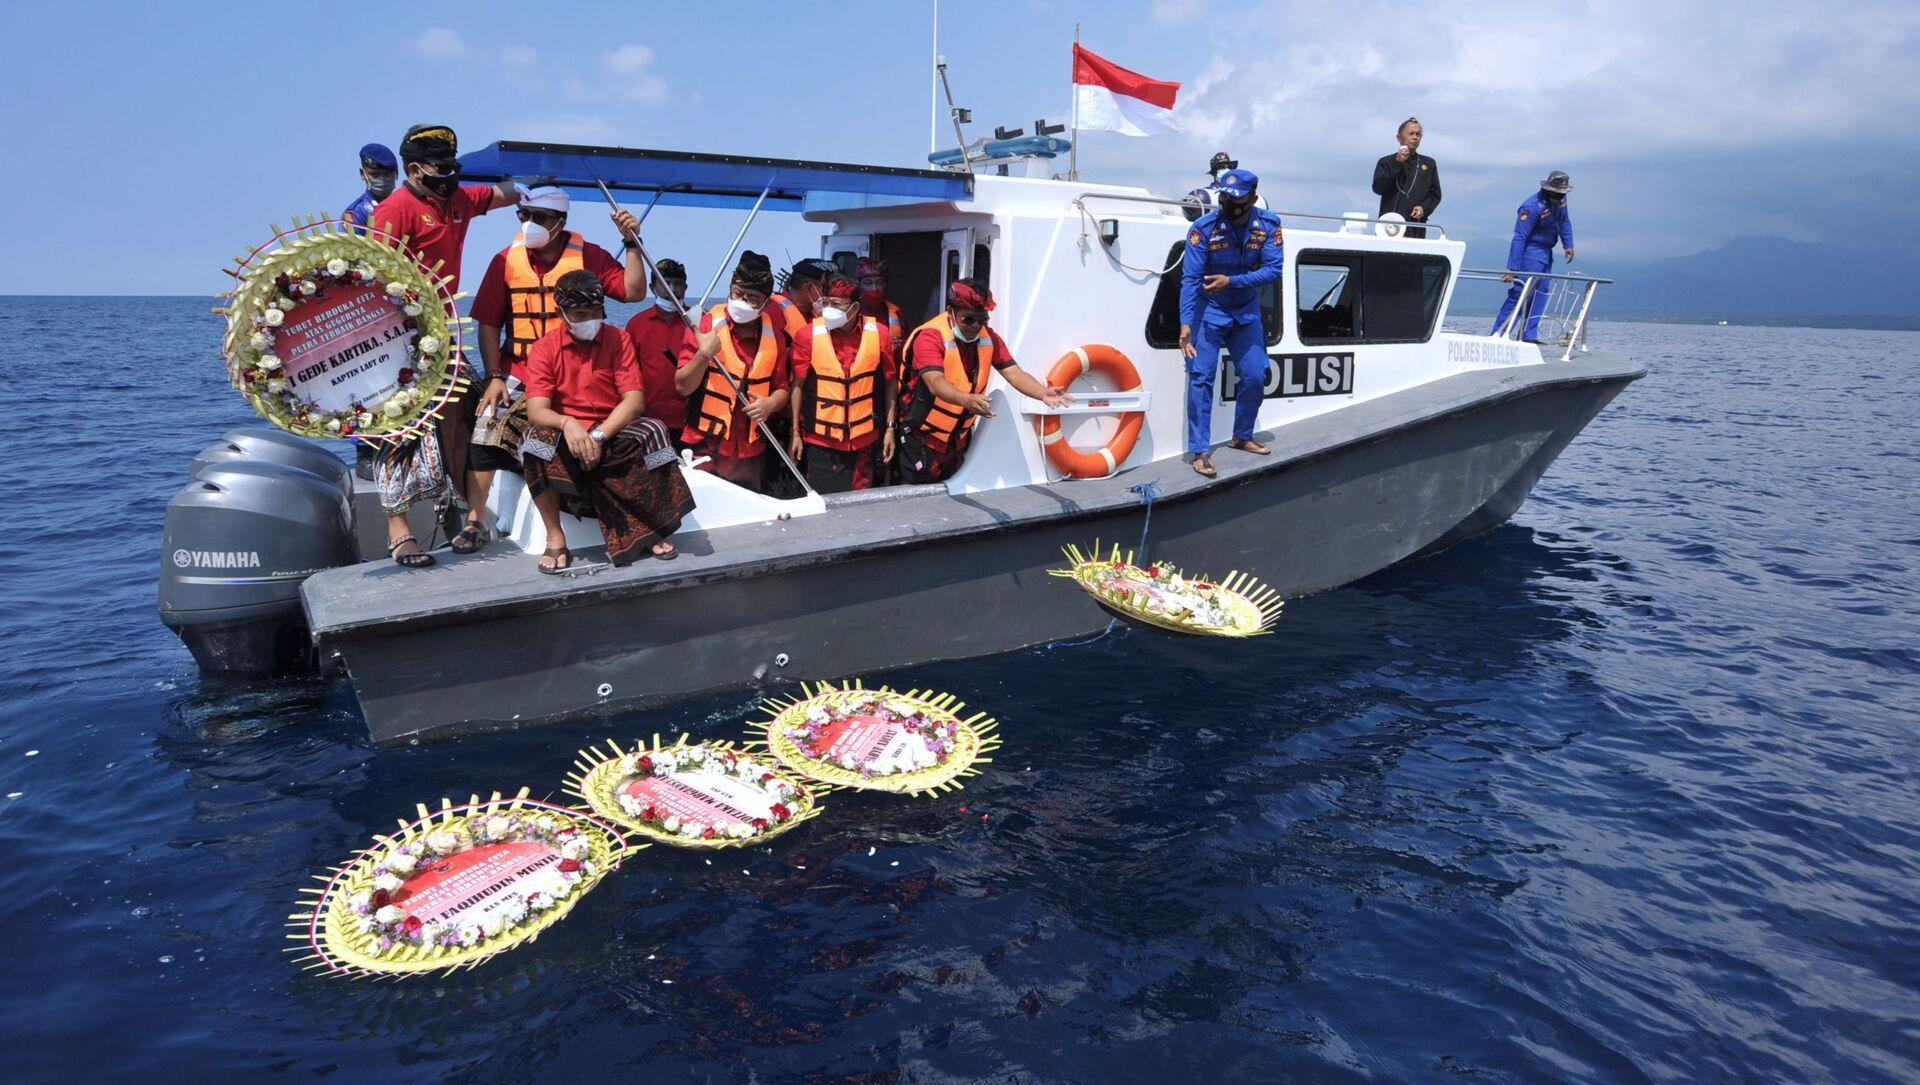 Mọi người từ trên tàu ném hoa và cánh hoa có đề tên các thành viên thủy thủ đoàn tàu ngầm bị chìm KRI Nanggala-402, Indonesia. - Sputnik Việt Nam, 1920, 26.04.2021